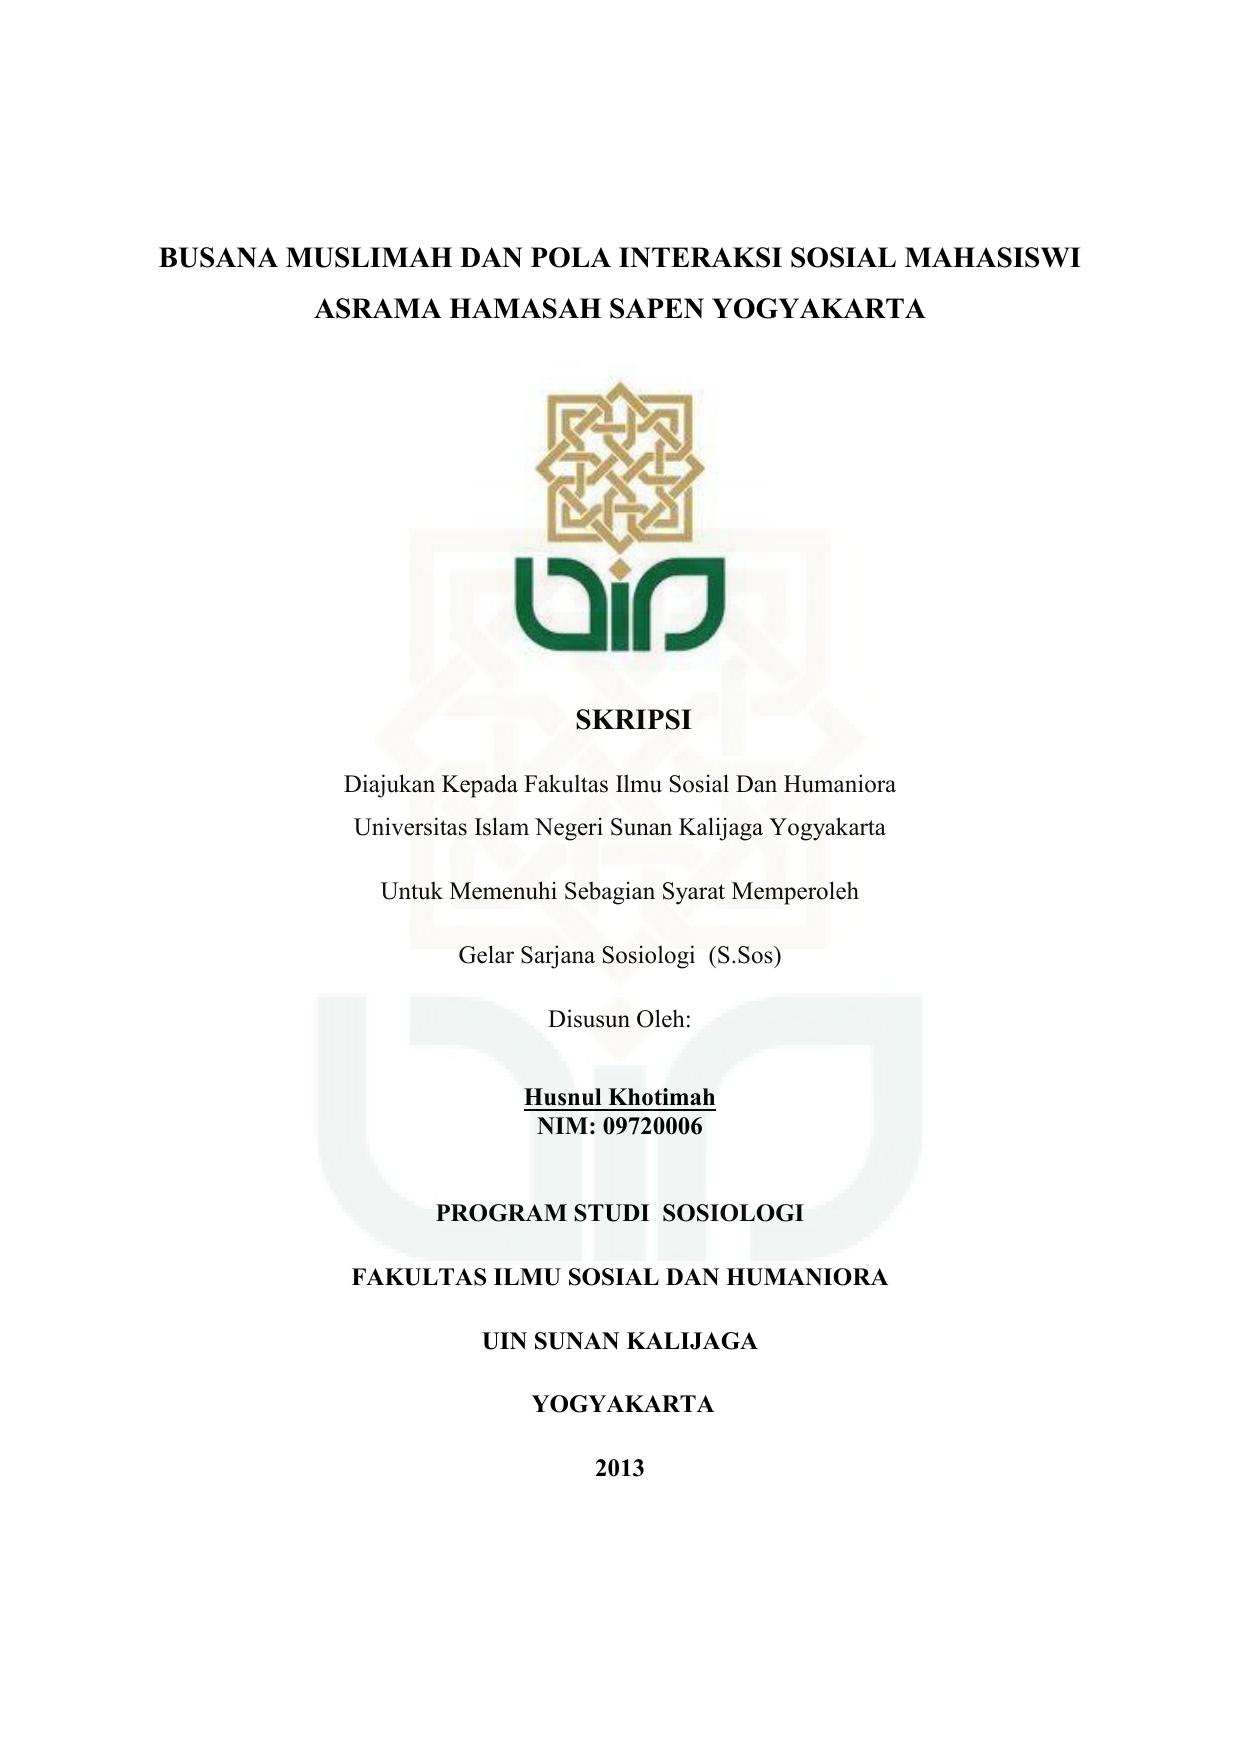 Cover Skripsi Digital Library Uin Sunan Kalijaga